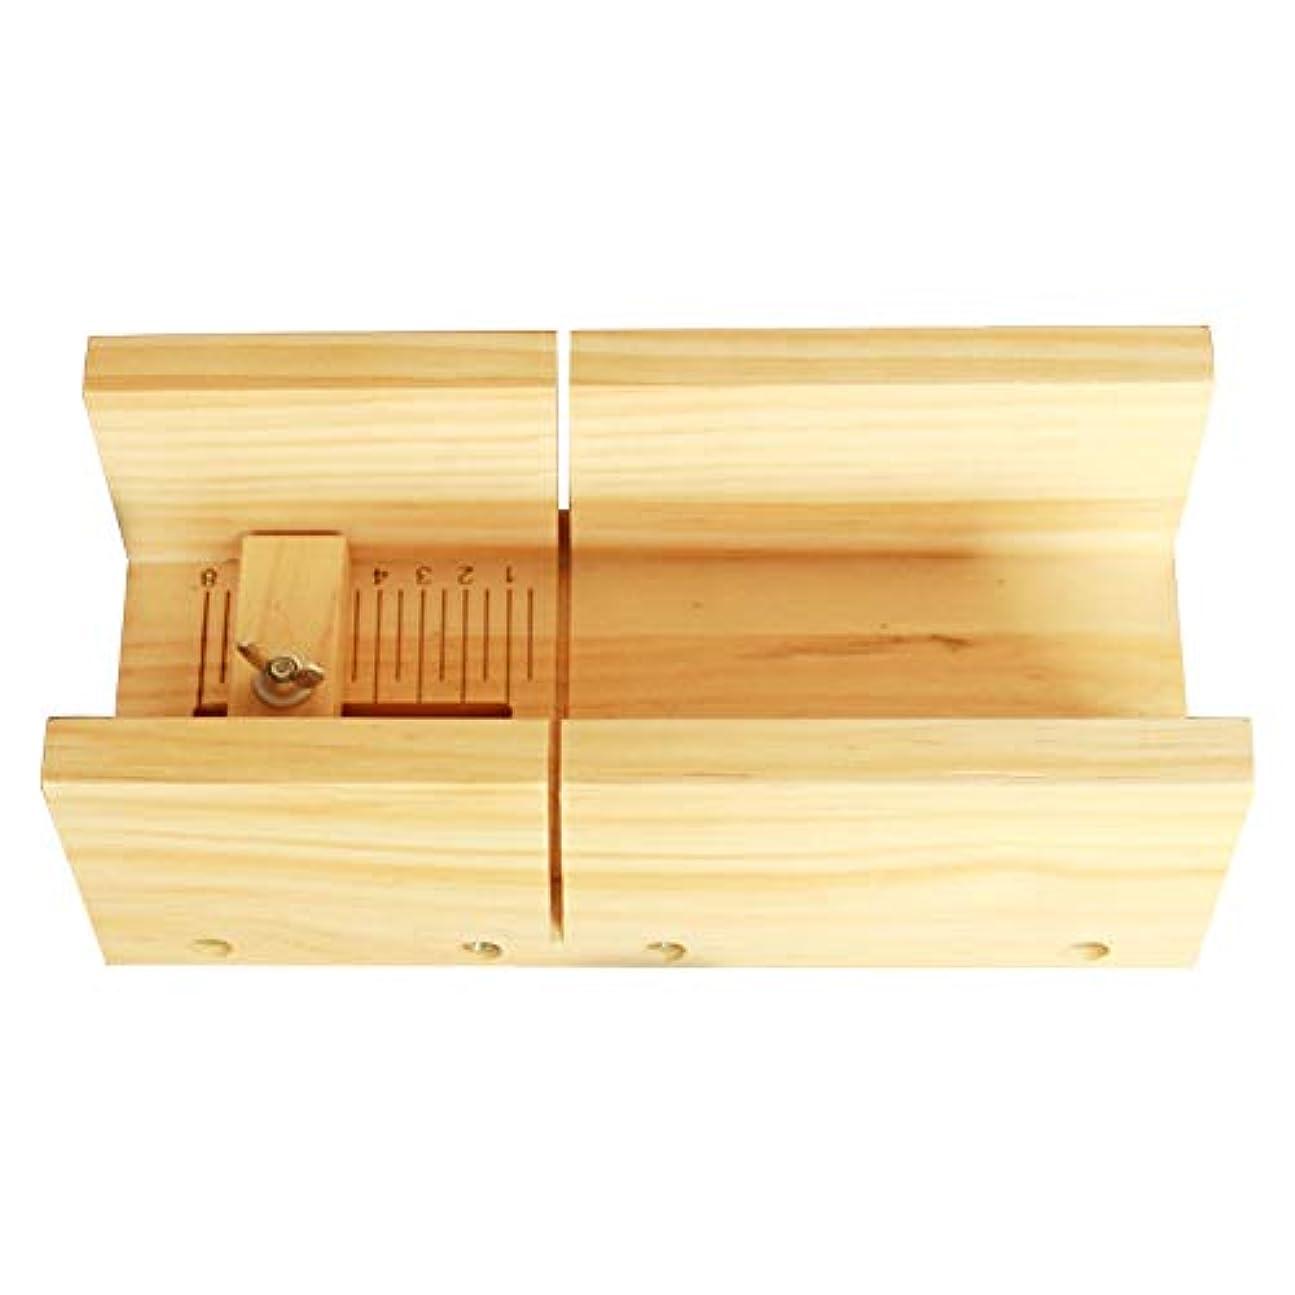 バドミントン例曲ソープカッター、多機能ソープカッターキャンドルケーキチョコレートカッティングツール木製ボックス器具キャンドルスケール用DIYクラフトを作る